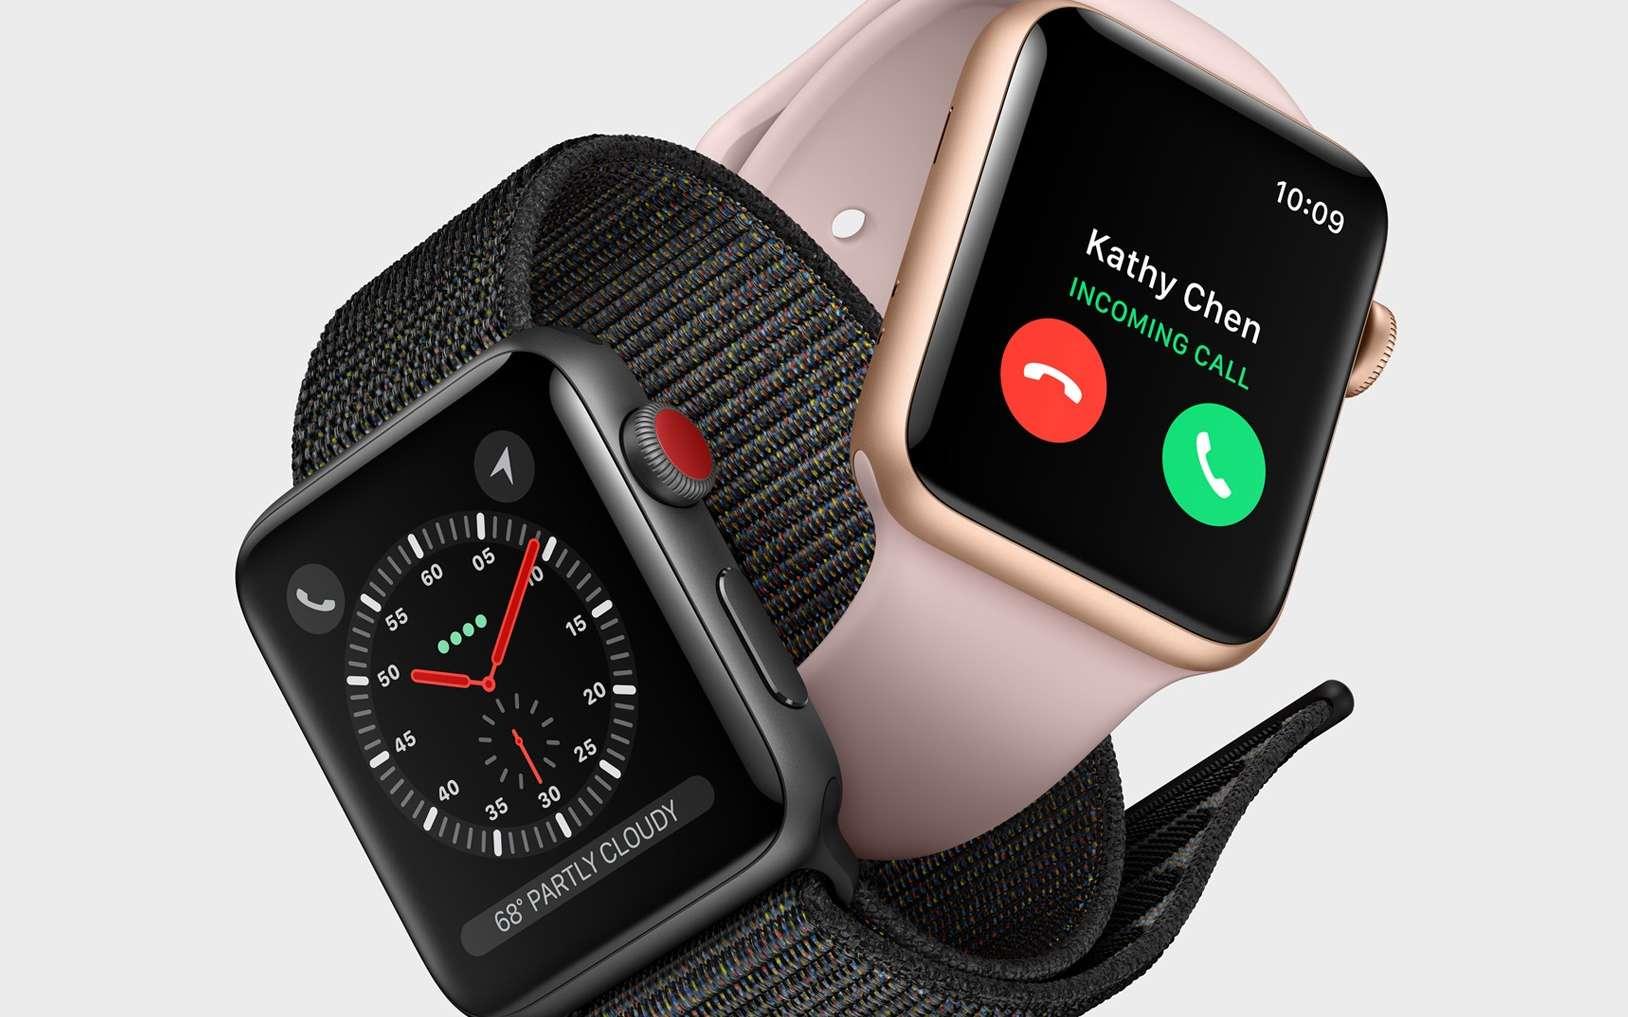 La montre connectée Apple Watch enregistre notamment le rythme cardiaque via un capteur optique. © Apple